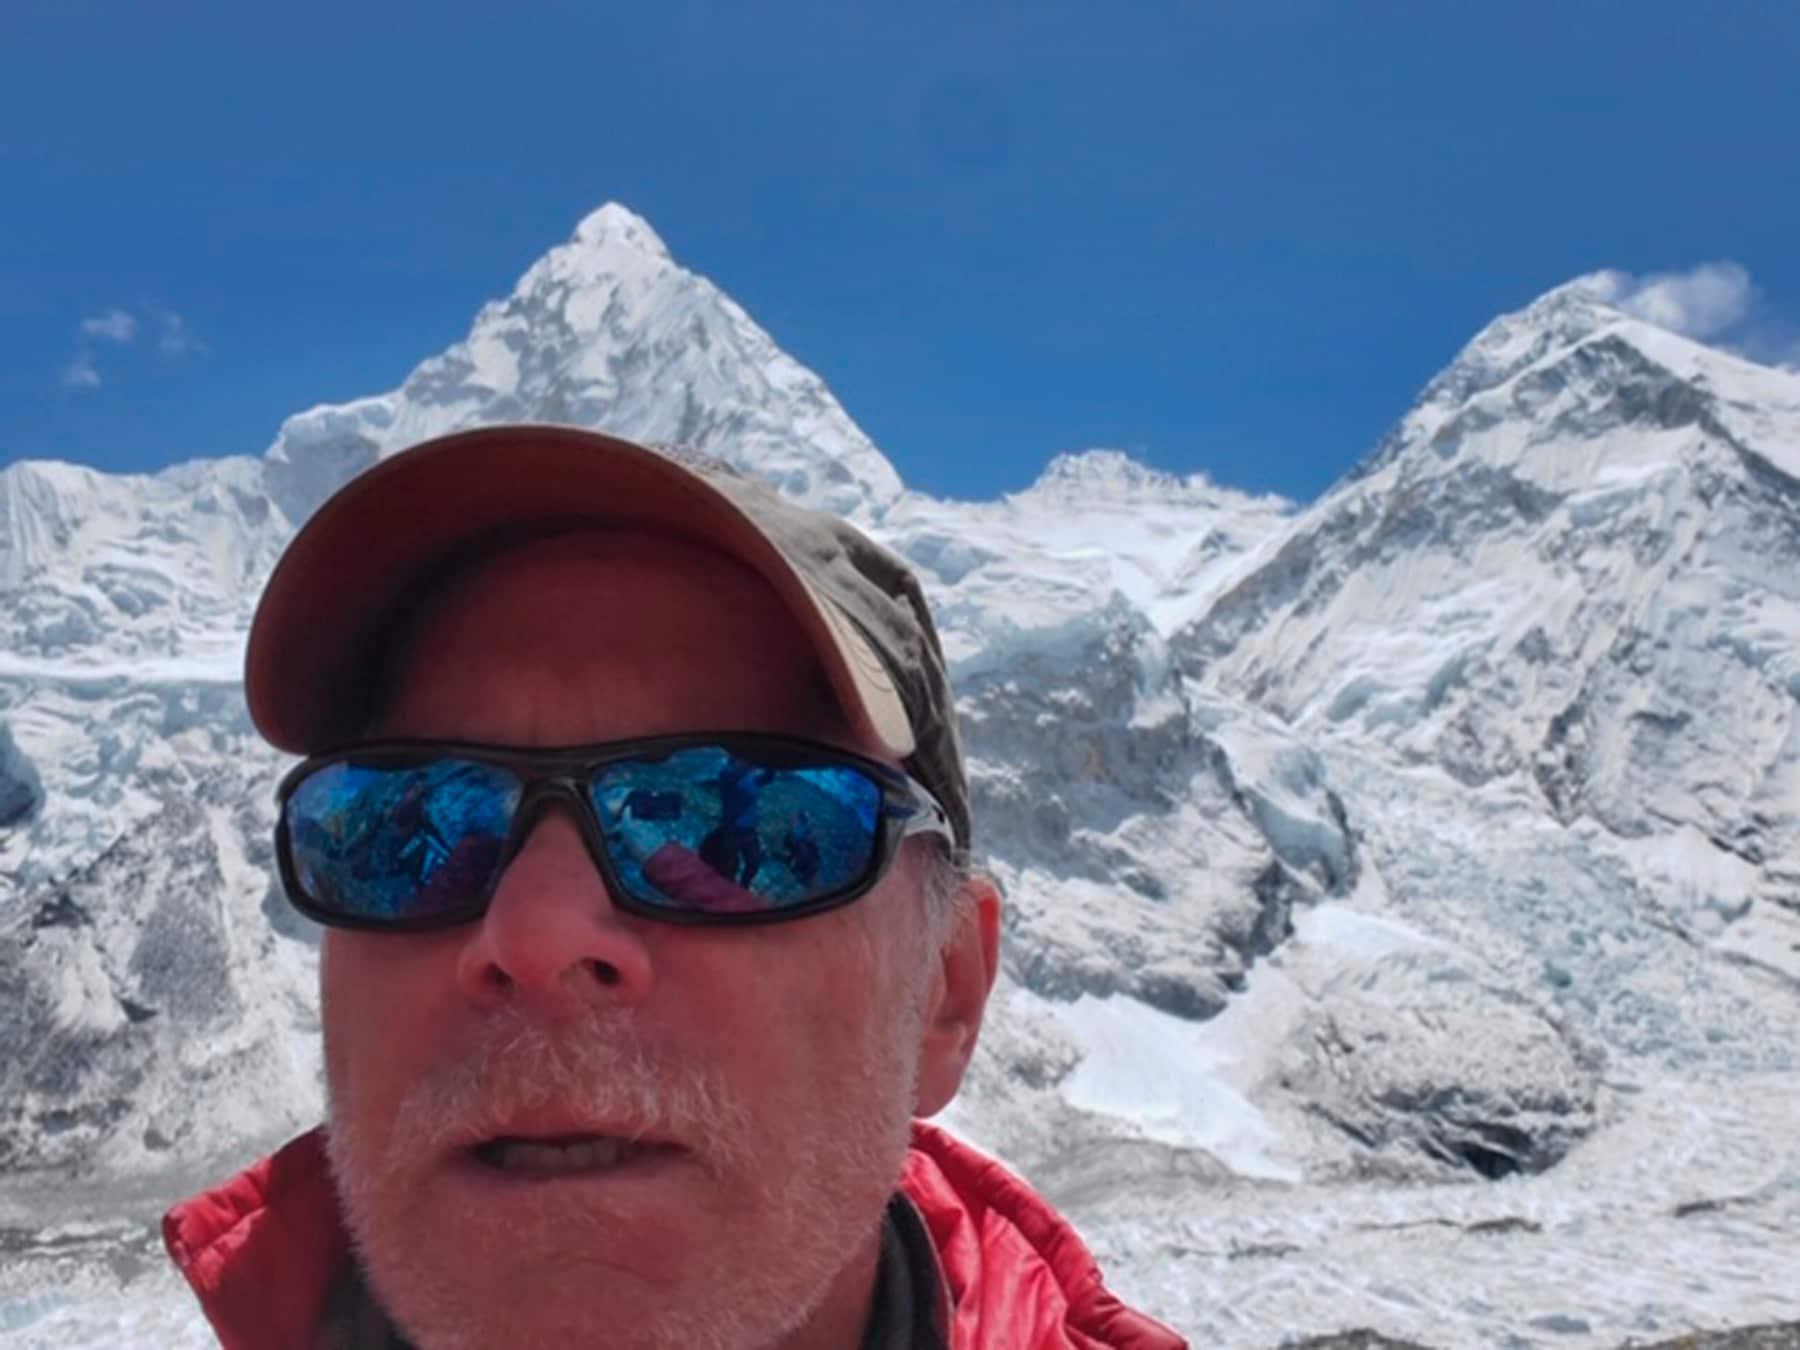 Un selfie di  Mark Kulish, suo fratello Christopher Kulish e deceduto salento sul monte Everest. (Christopher Kulish/Mark Kulish via AP)